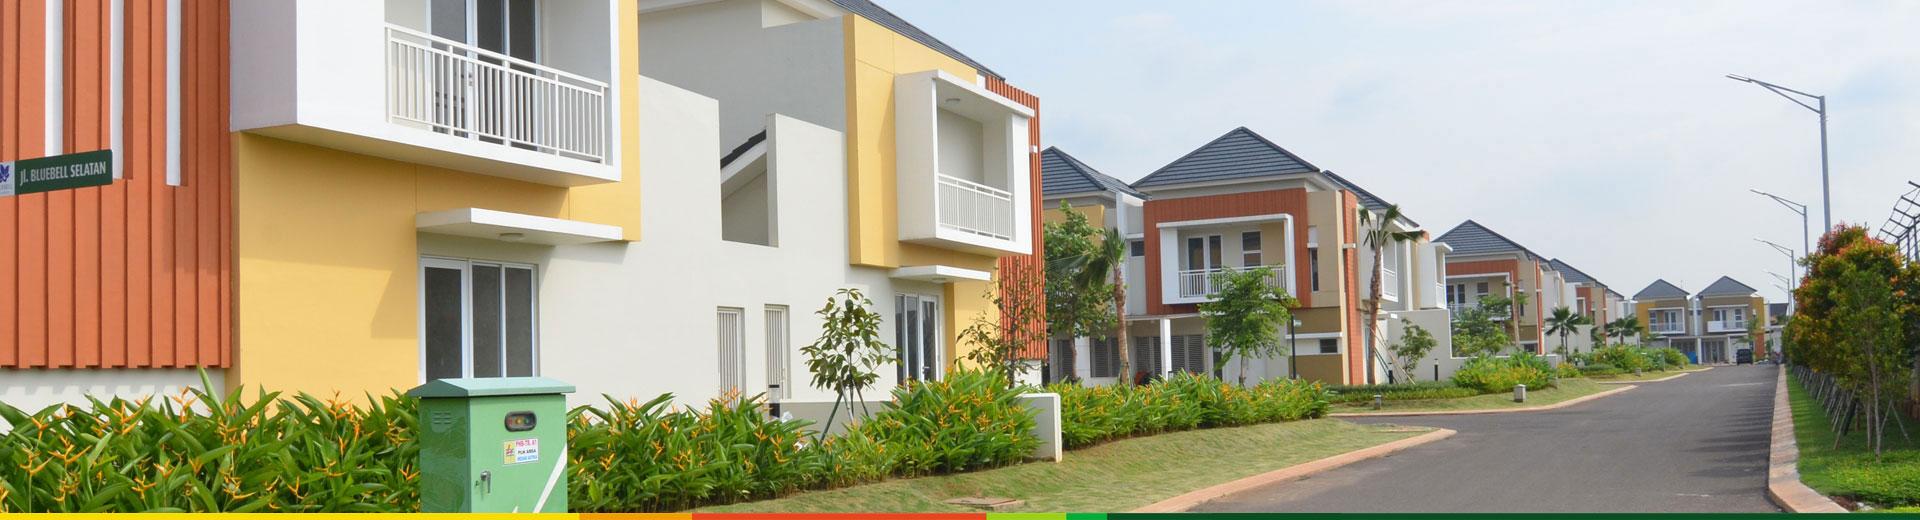 banner-bluebell-residence-3